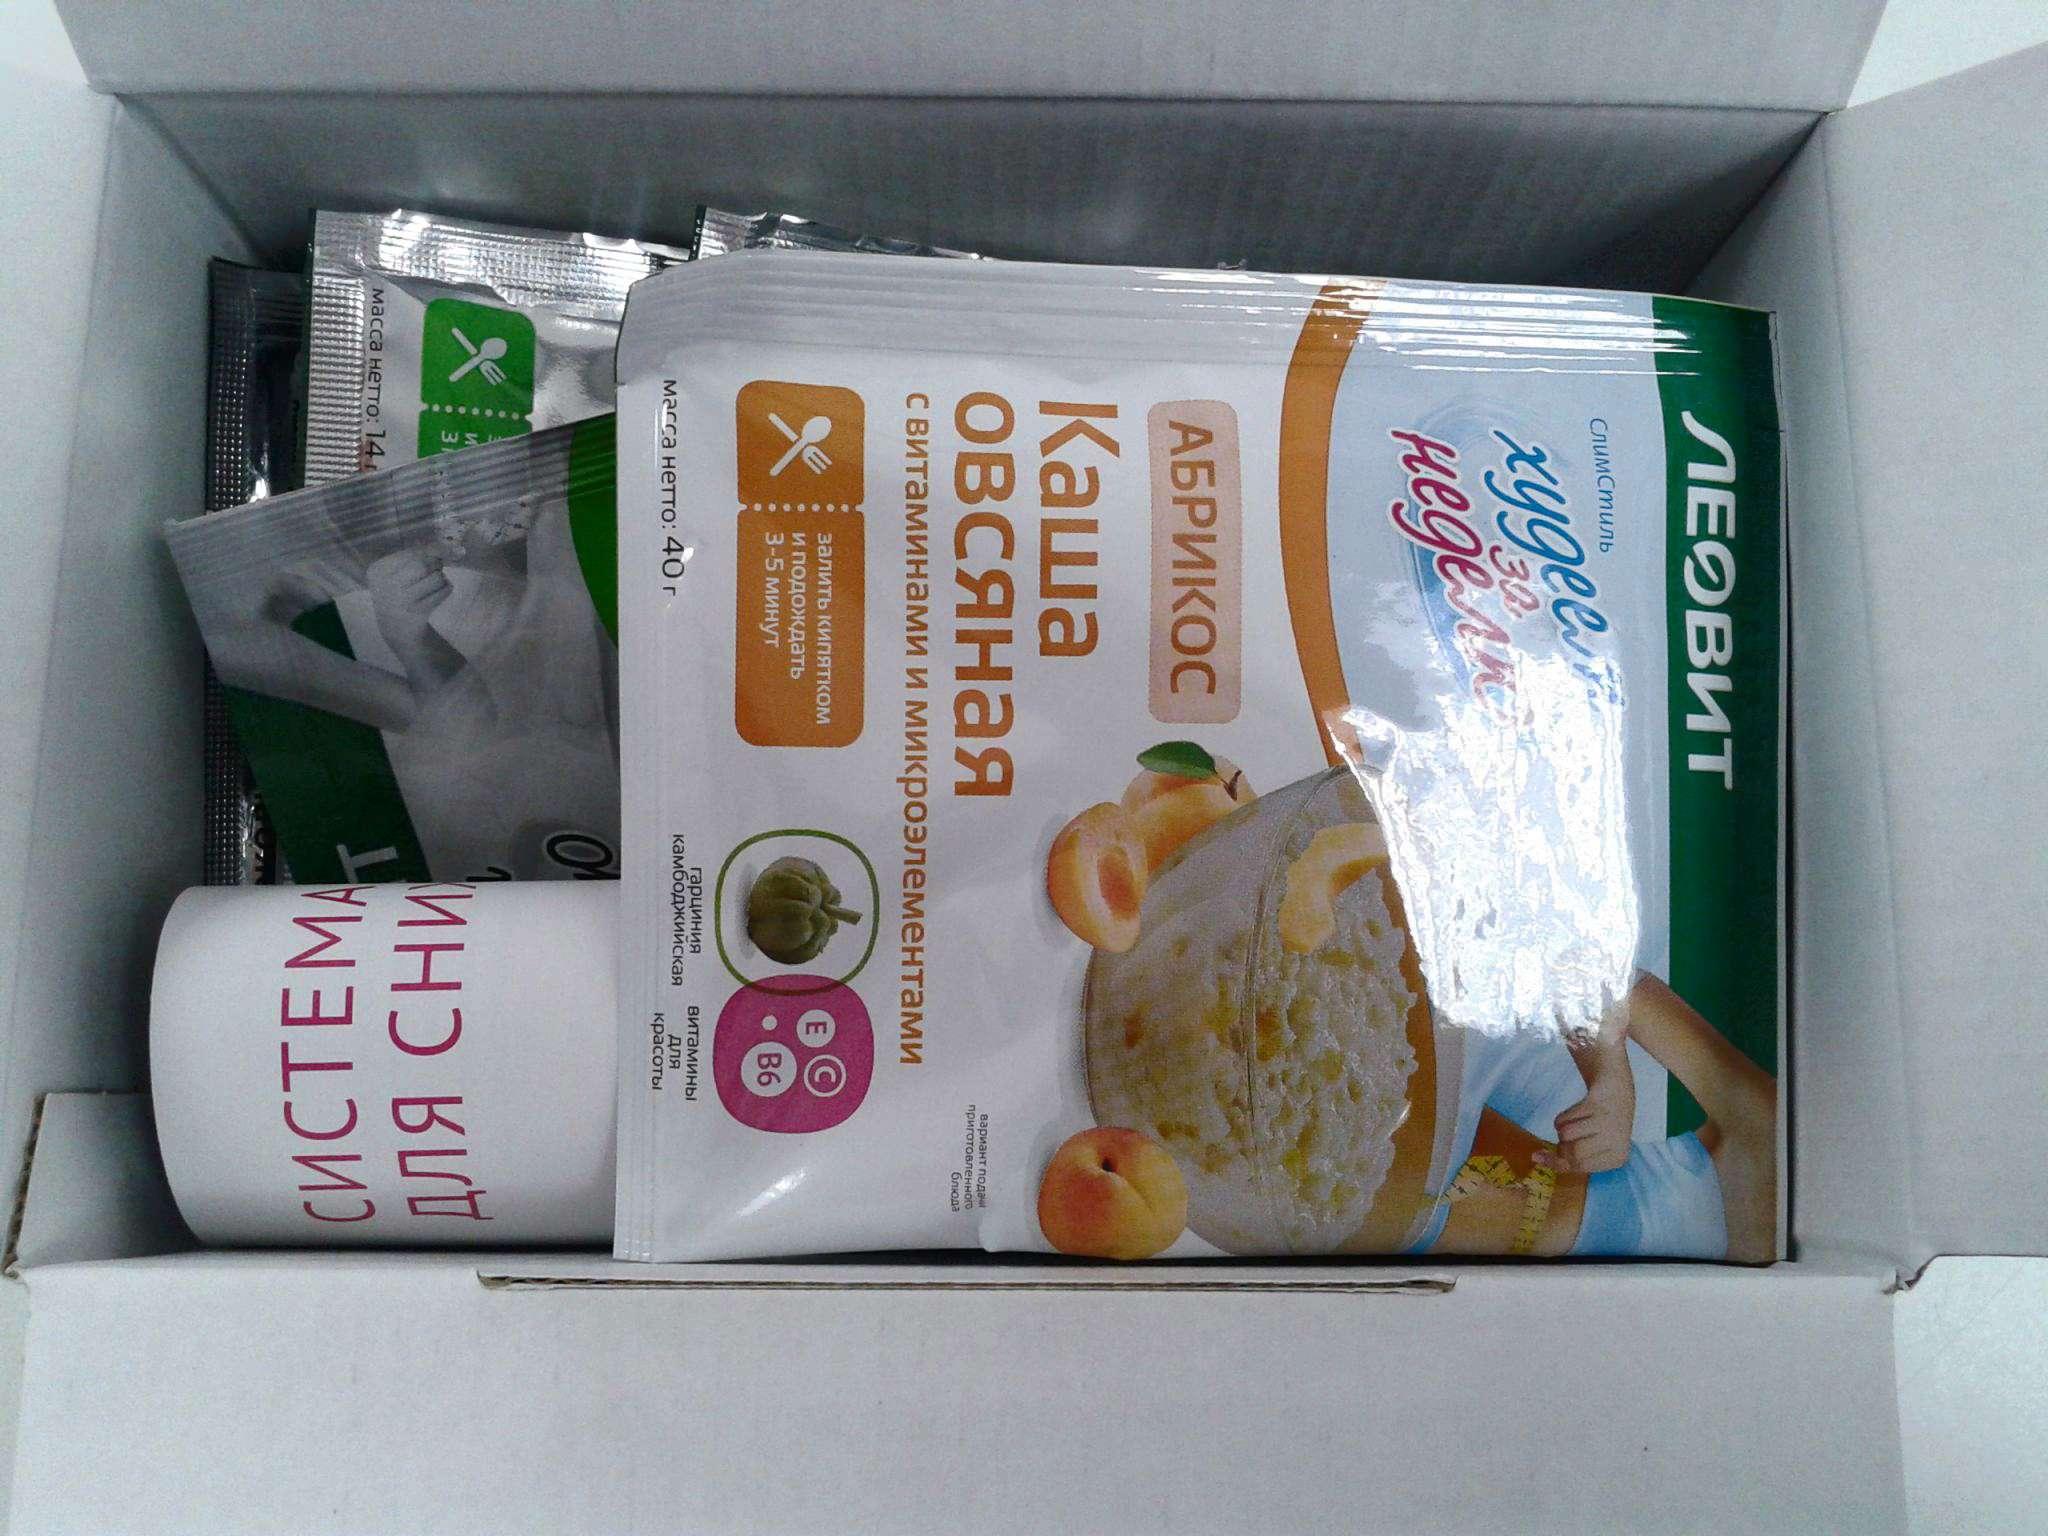 Комплекс Худеем за неделю очищение организма — купить в интернет ... 0e67b86c0f2